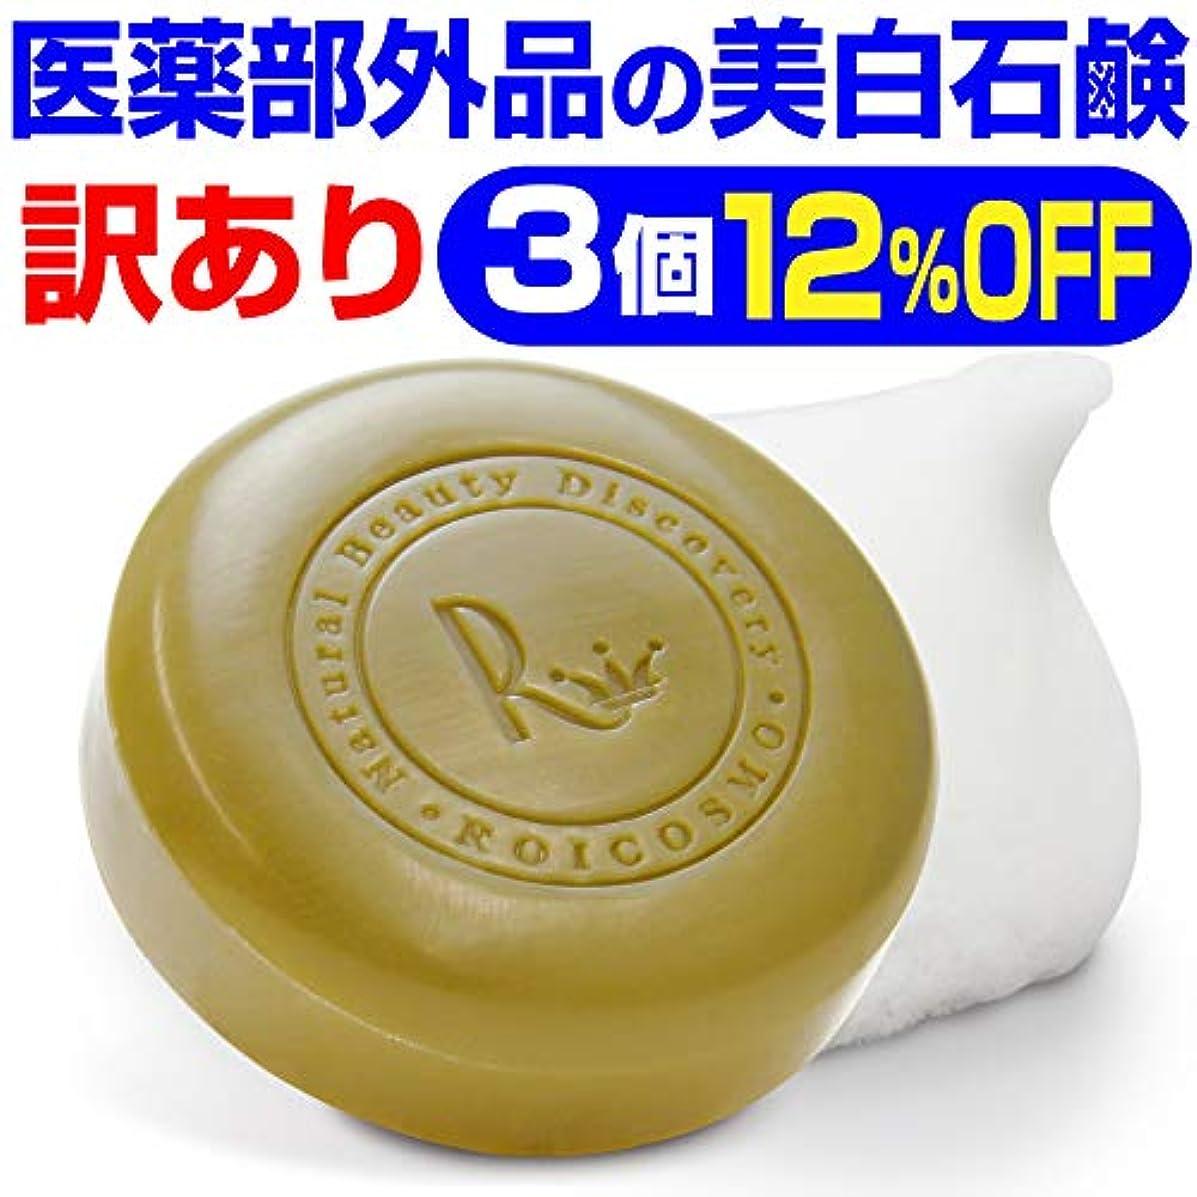 必要性オーディション復活訳あり12%OFF(1個2,090円)売切れ御免 ビタミンC270倍の美白成分の 洗顔石鹸『ホワイトソープ100g×3個』